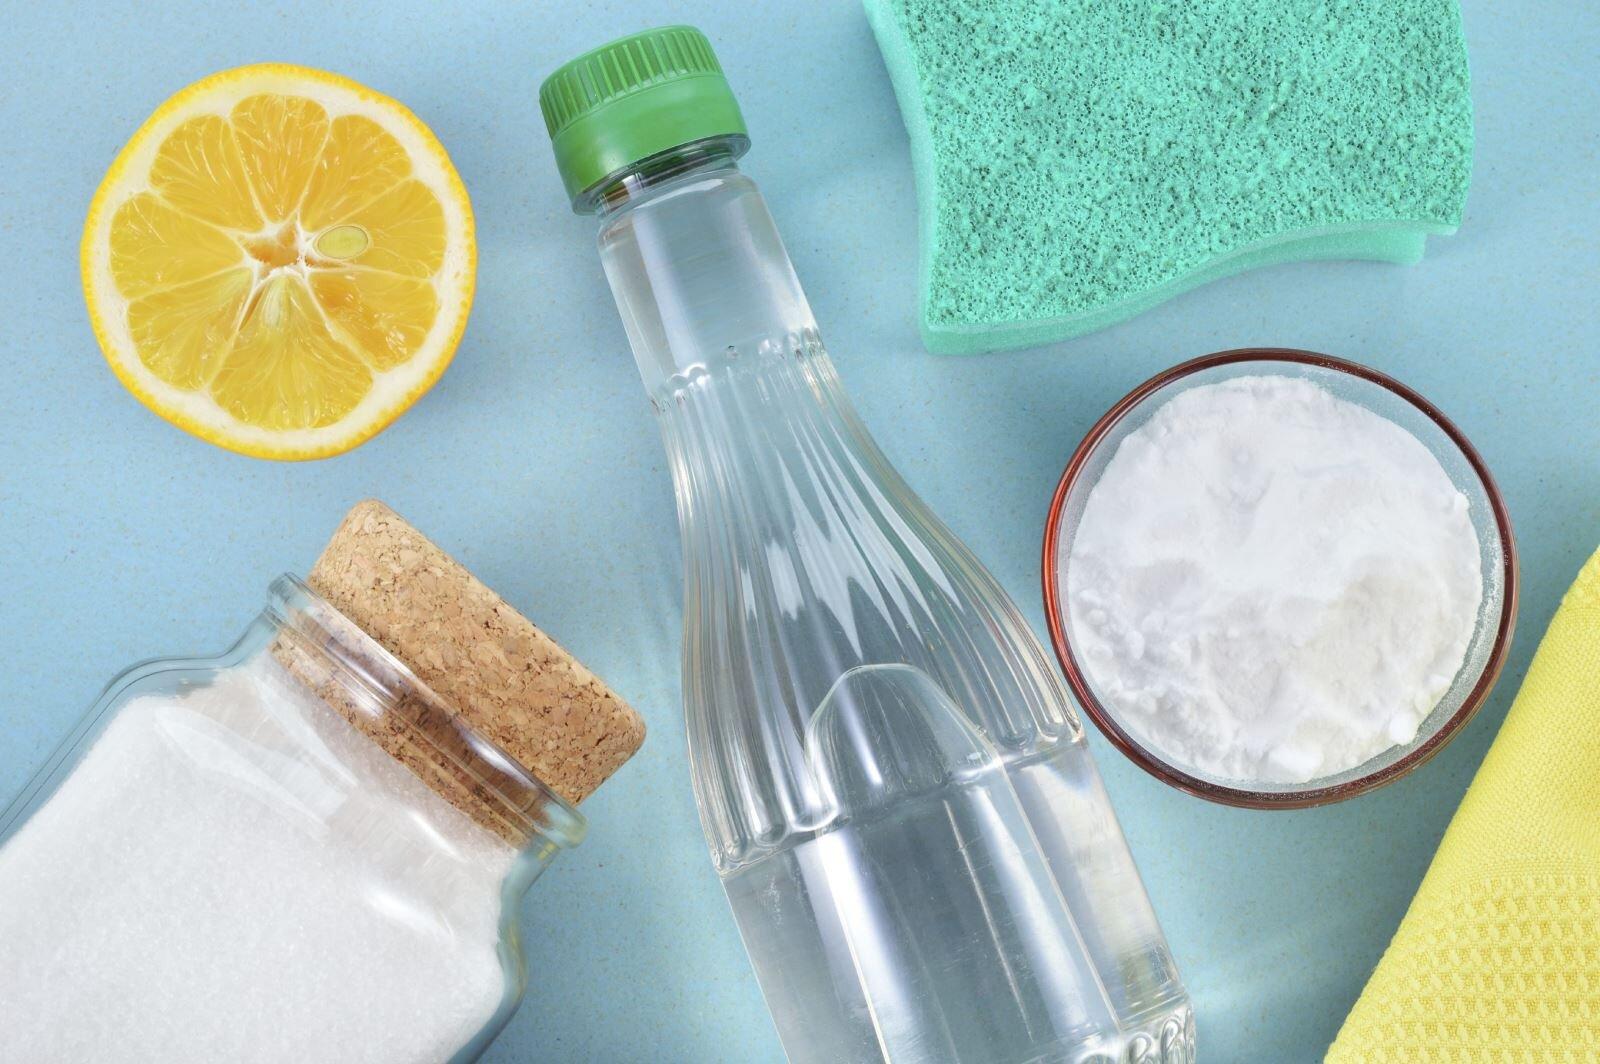 Dùng nước rửa chén pha loãng hoặc pha 1 chút giấm loãng vệ sinh bếp nướng điện